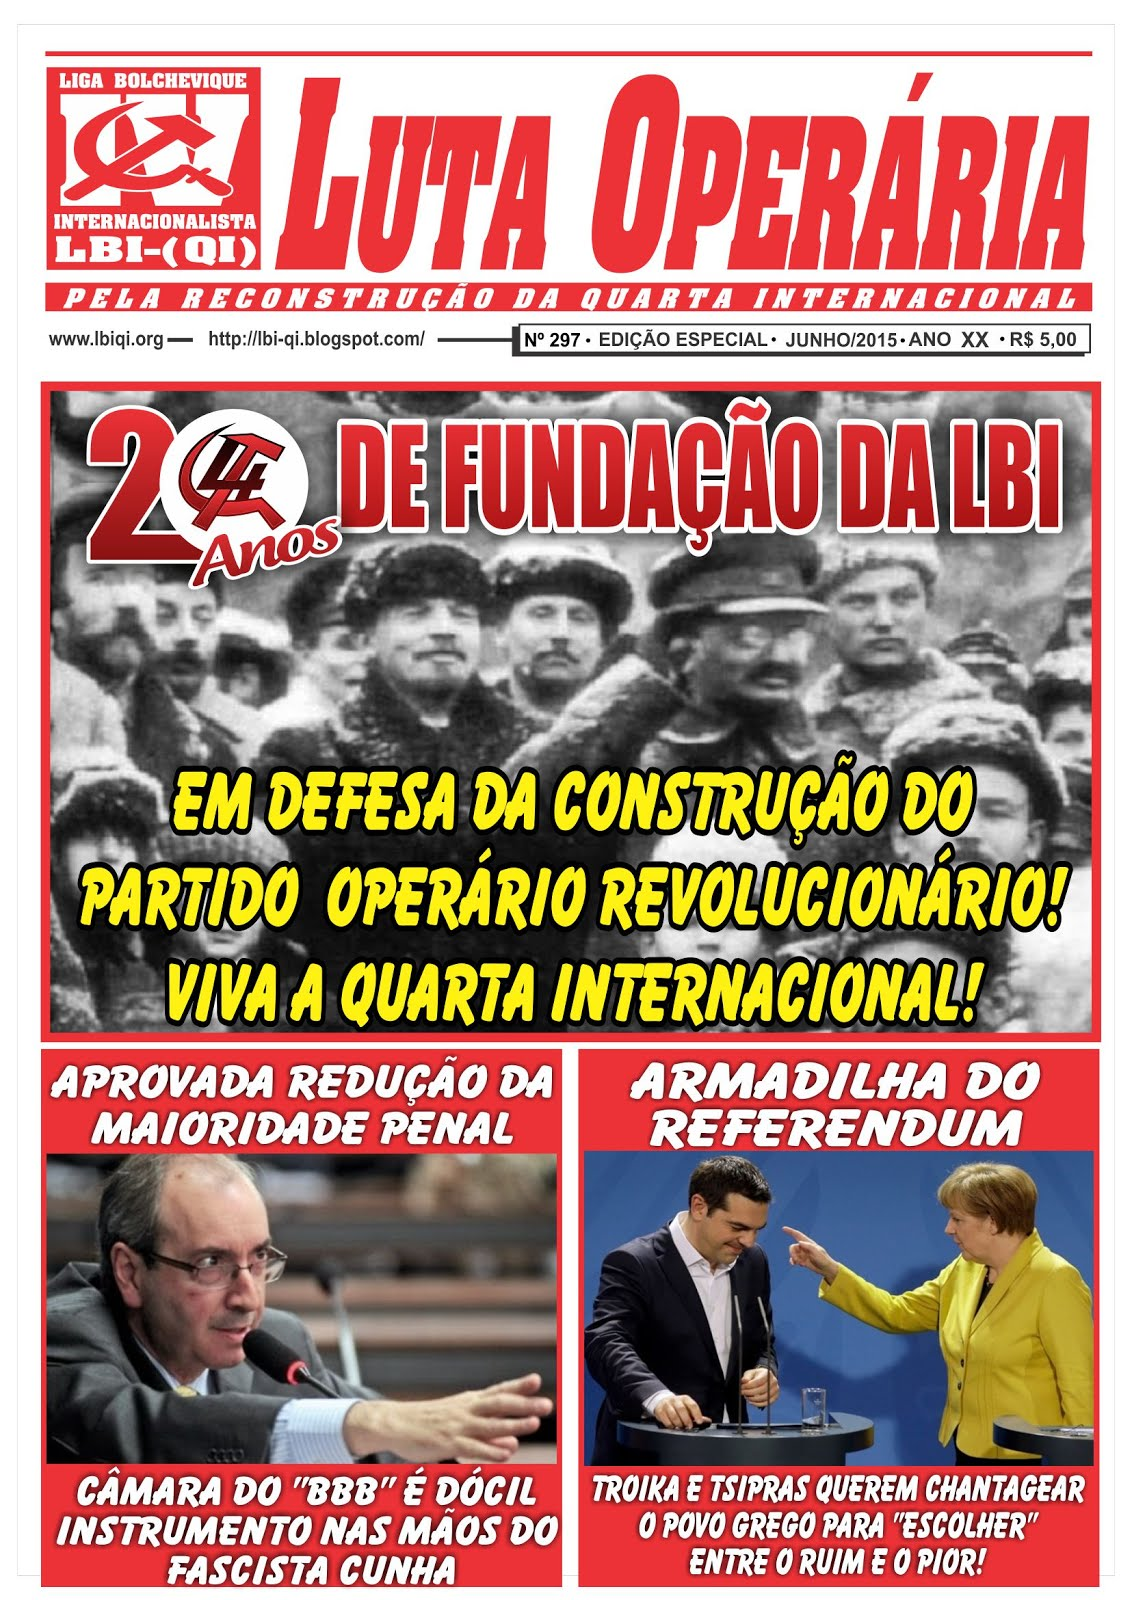 LEIA A MAIS RECENTE EDIÇÃO DO JORNAL LUTA OPERÁRIA, Nº 297, JUNHO/2015 - EDIÇÃO ESPECIAL